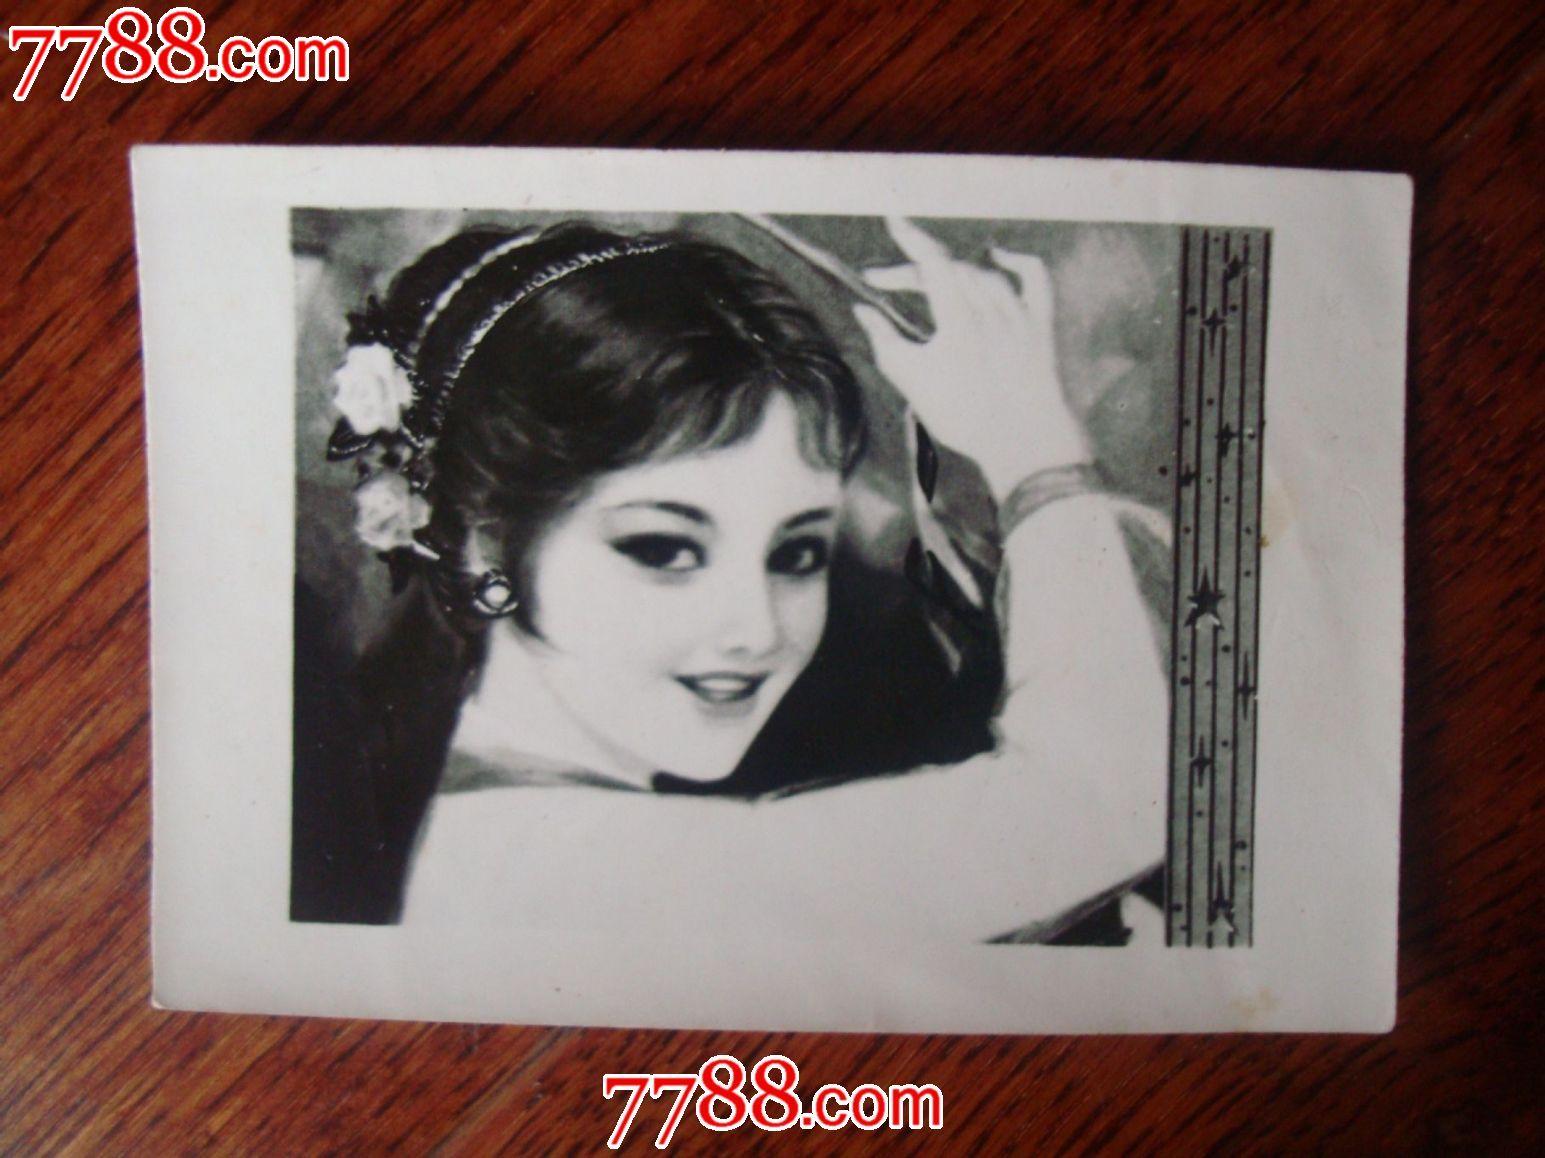 美女玉照,老照片,老照片-->个人照片,影视明星,八十年代(20世纪),黑白